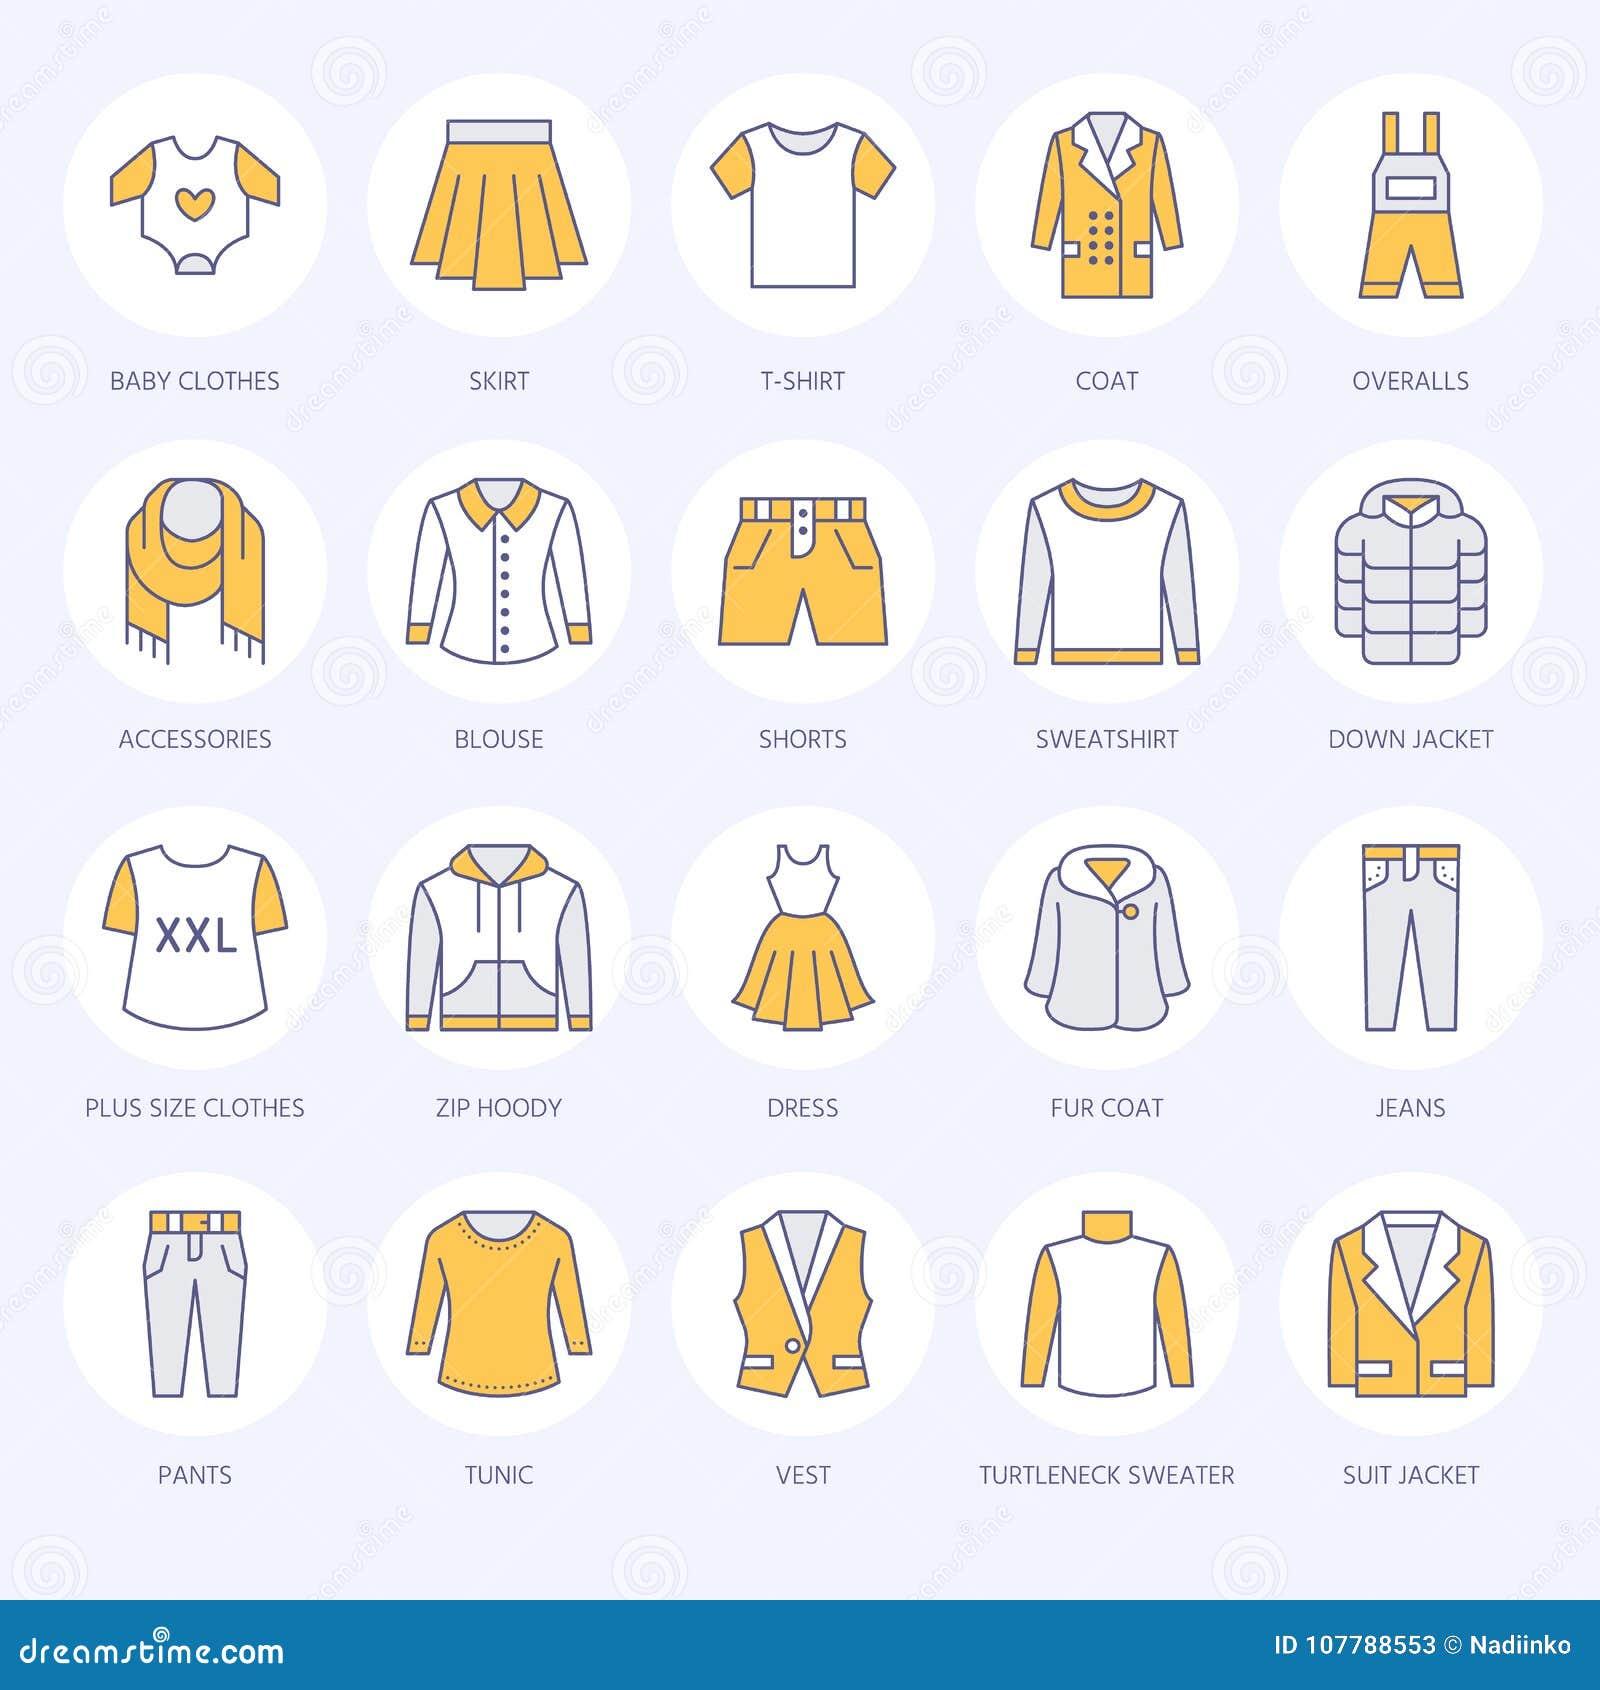 Ιματισμός, επίπεδα εικονίδια γραμμών fasion Ανδρών, ενδυμασία των γυναικών - ντύστε, κάτω από το σακάκι, τα τζιν, εσώρουχο, μπλού